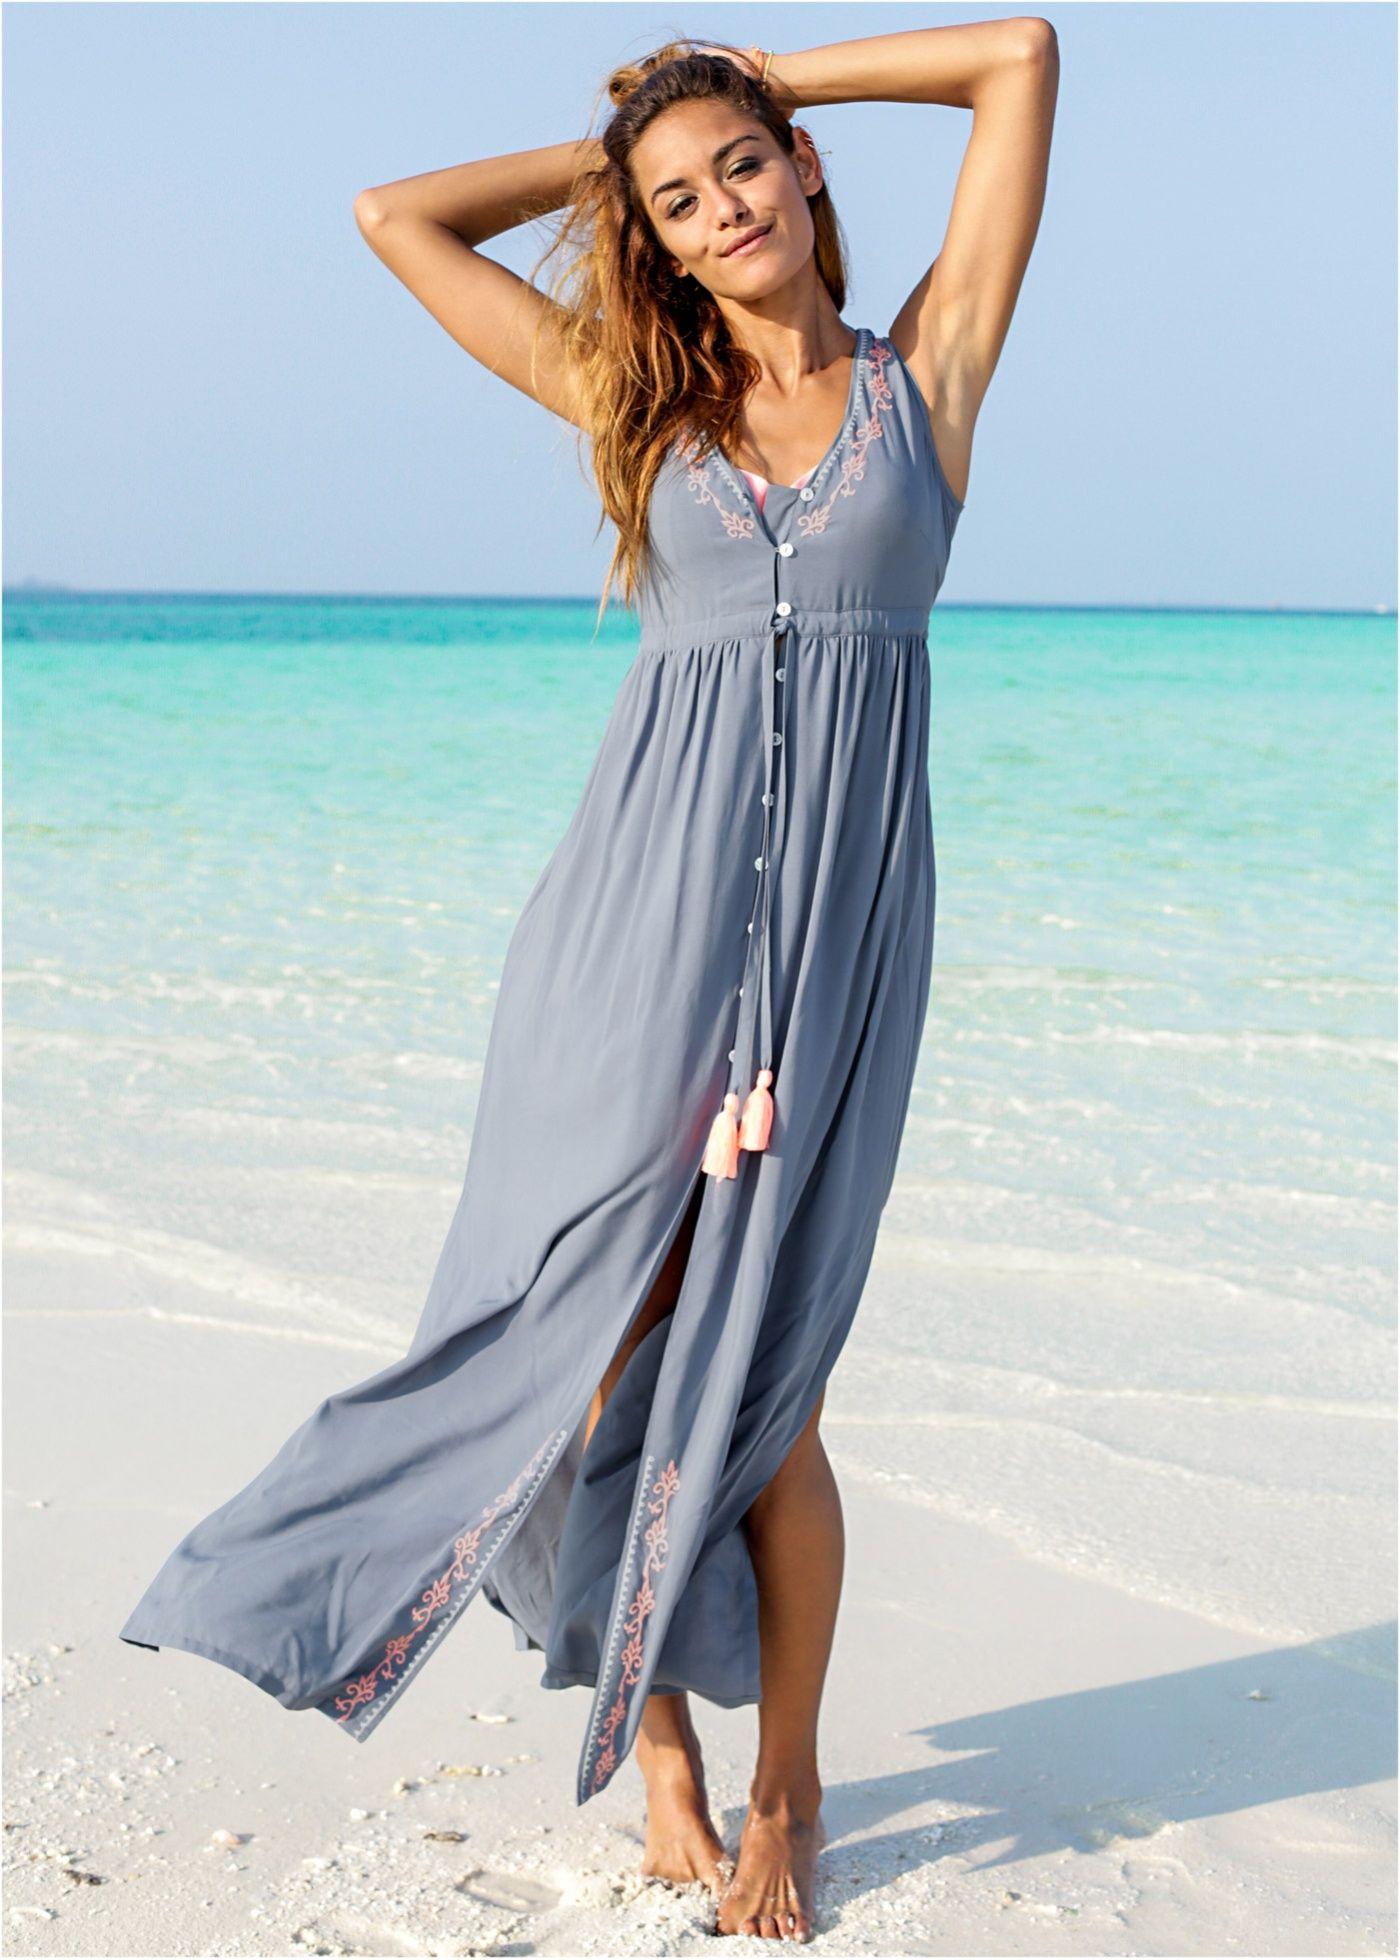 Kleid Rauchblau Neonorange Rainbow Jetzt Im Online Shop Von Bonprix De Ab 34 99 Bestellen Ein Angesagtes Teil Fur Romantische Und Trendige Fashionistas